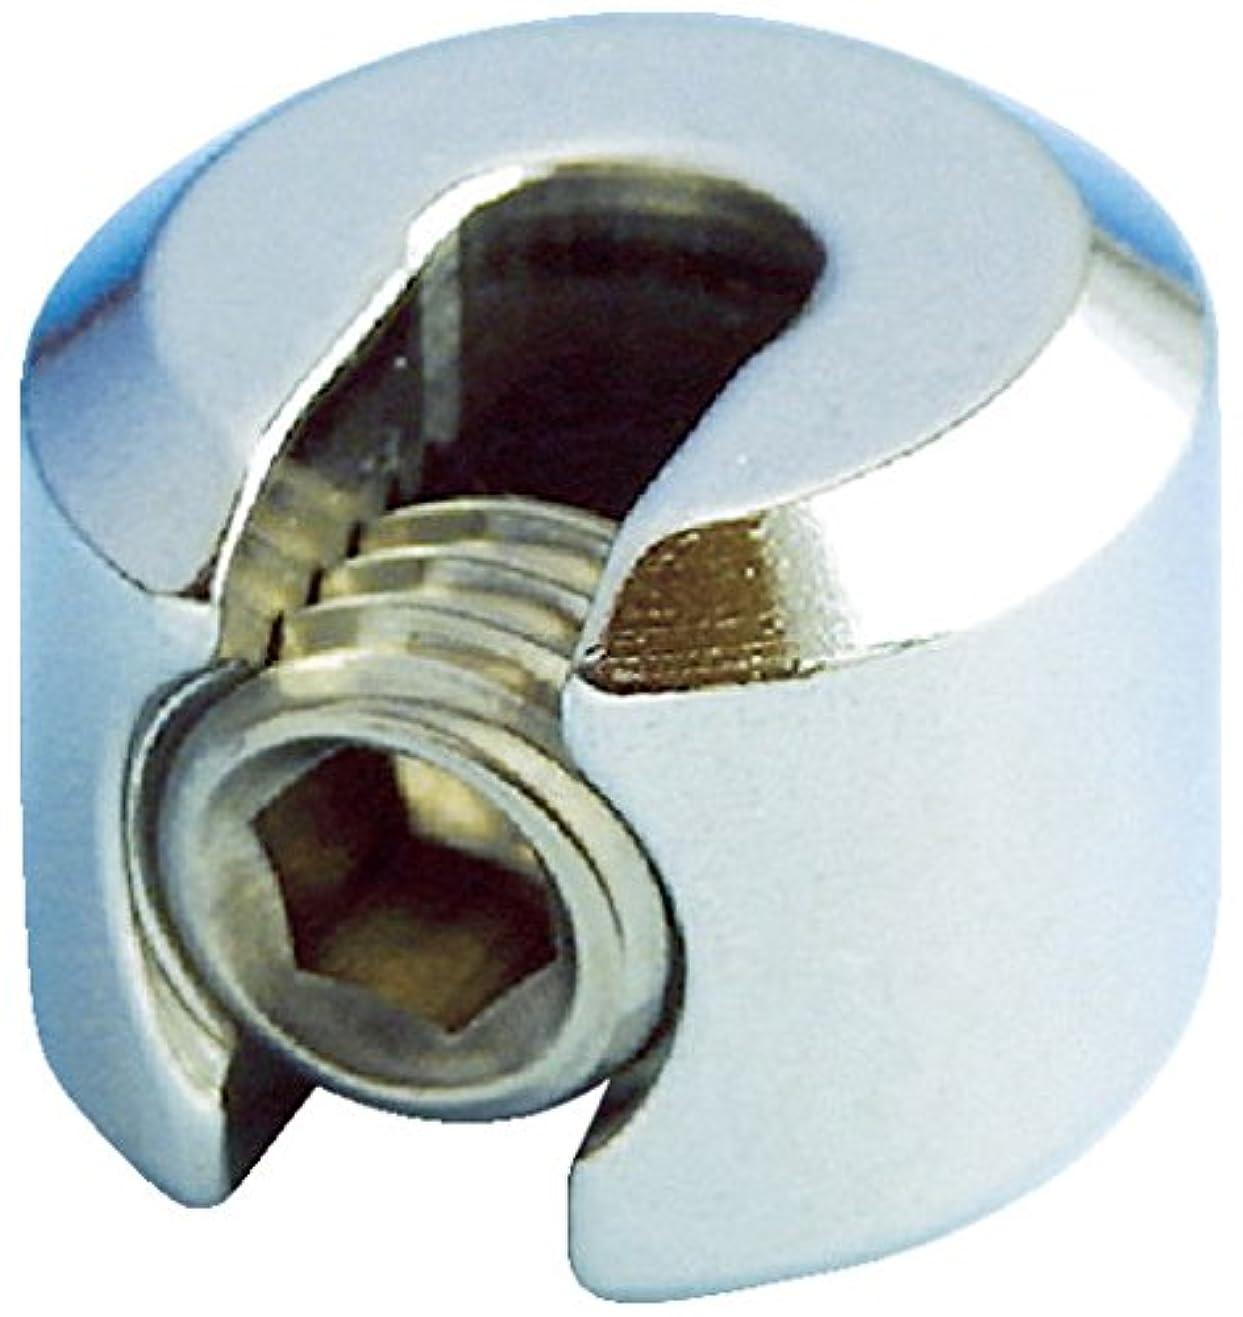 談話転用バスルームTRUSCO(トラスコ) シングルクリップ ワイヤ1.5~2mm用 TSWR-2